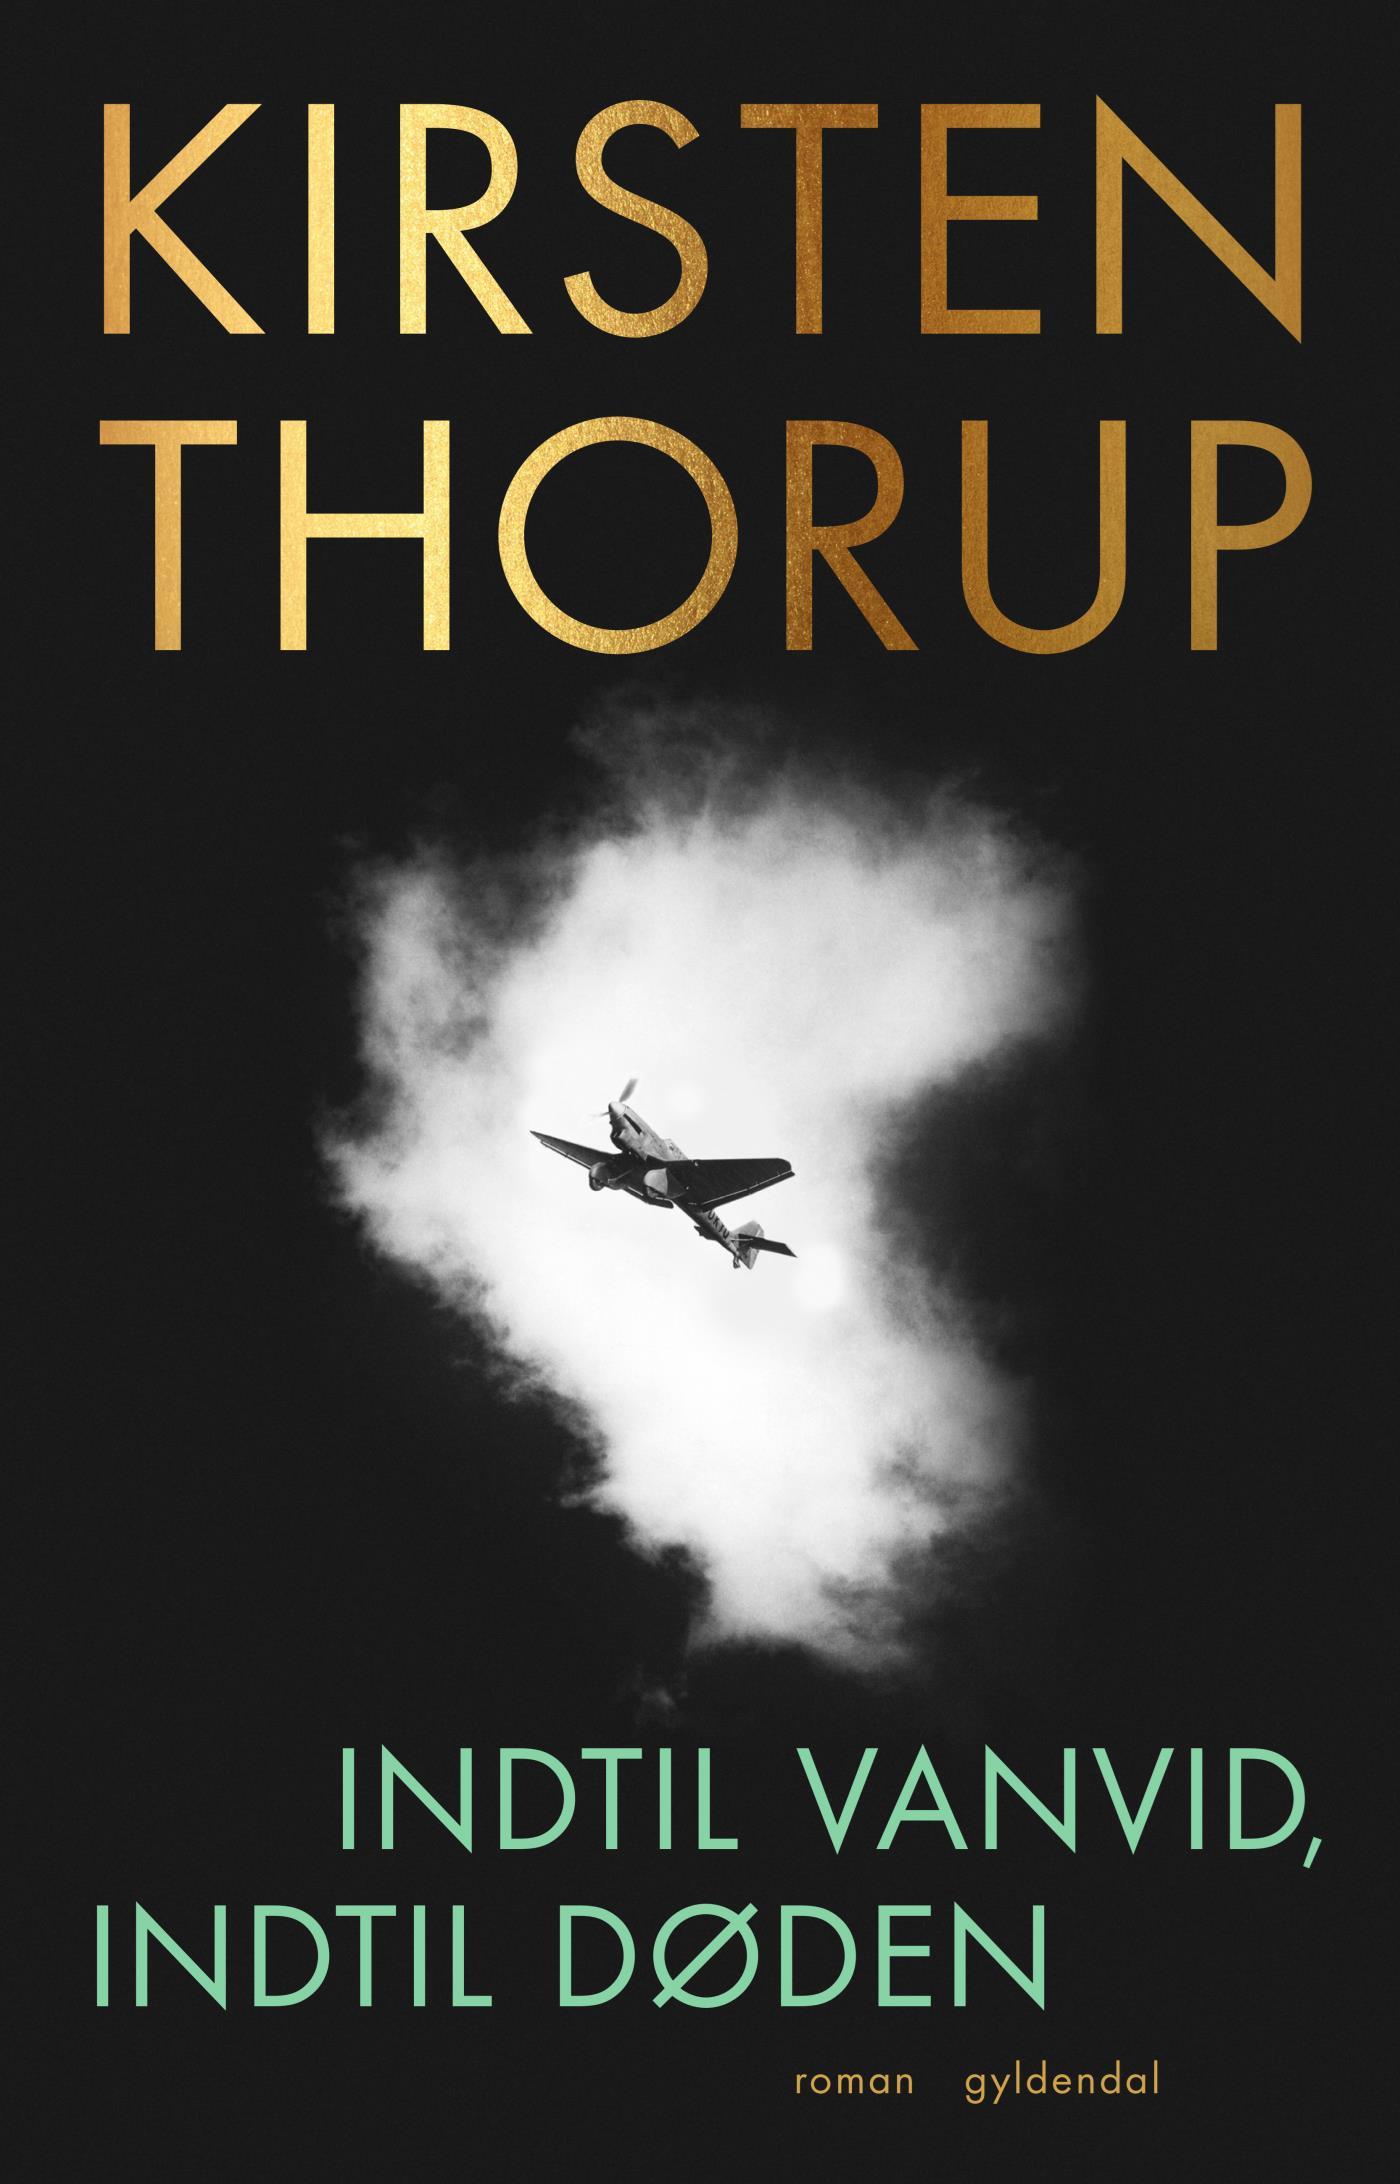 """""""Indtil vanvid, indtil døden"""" av Kirsten Thorup"""